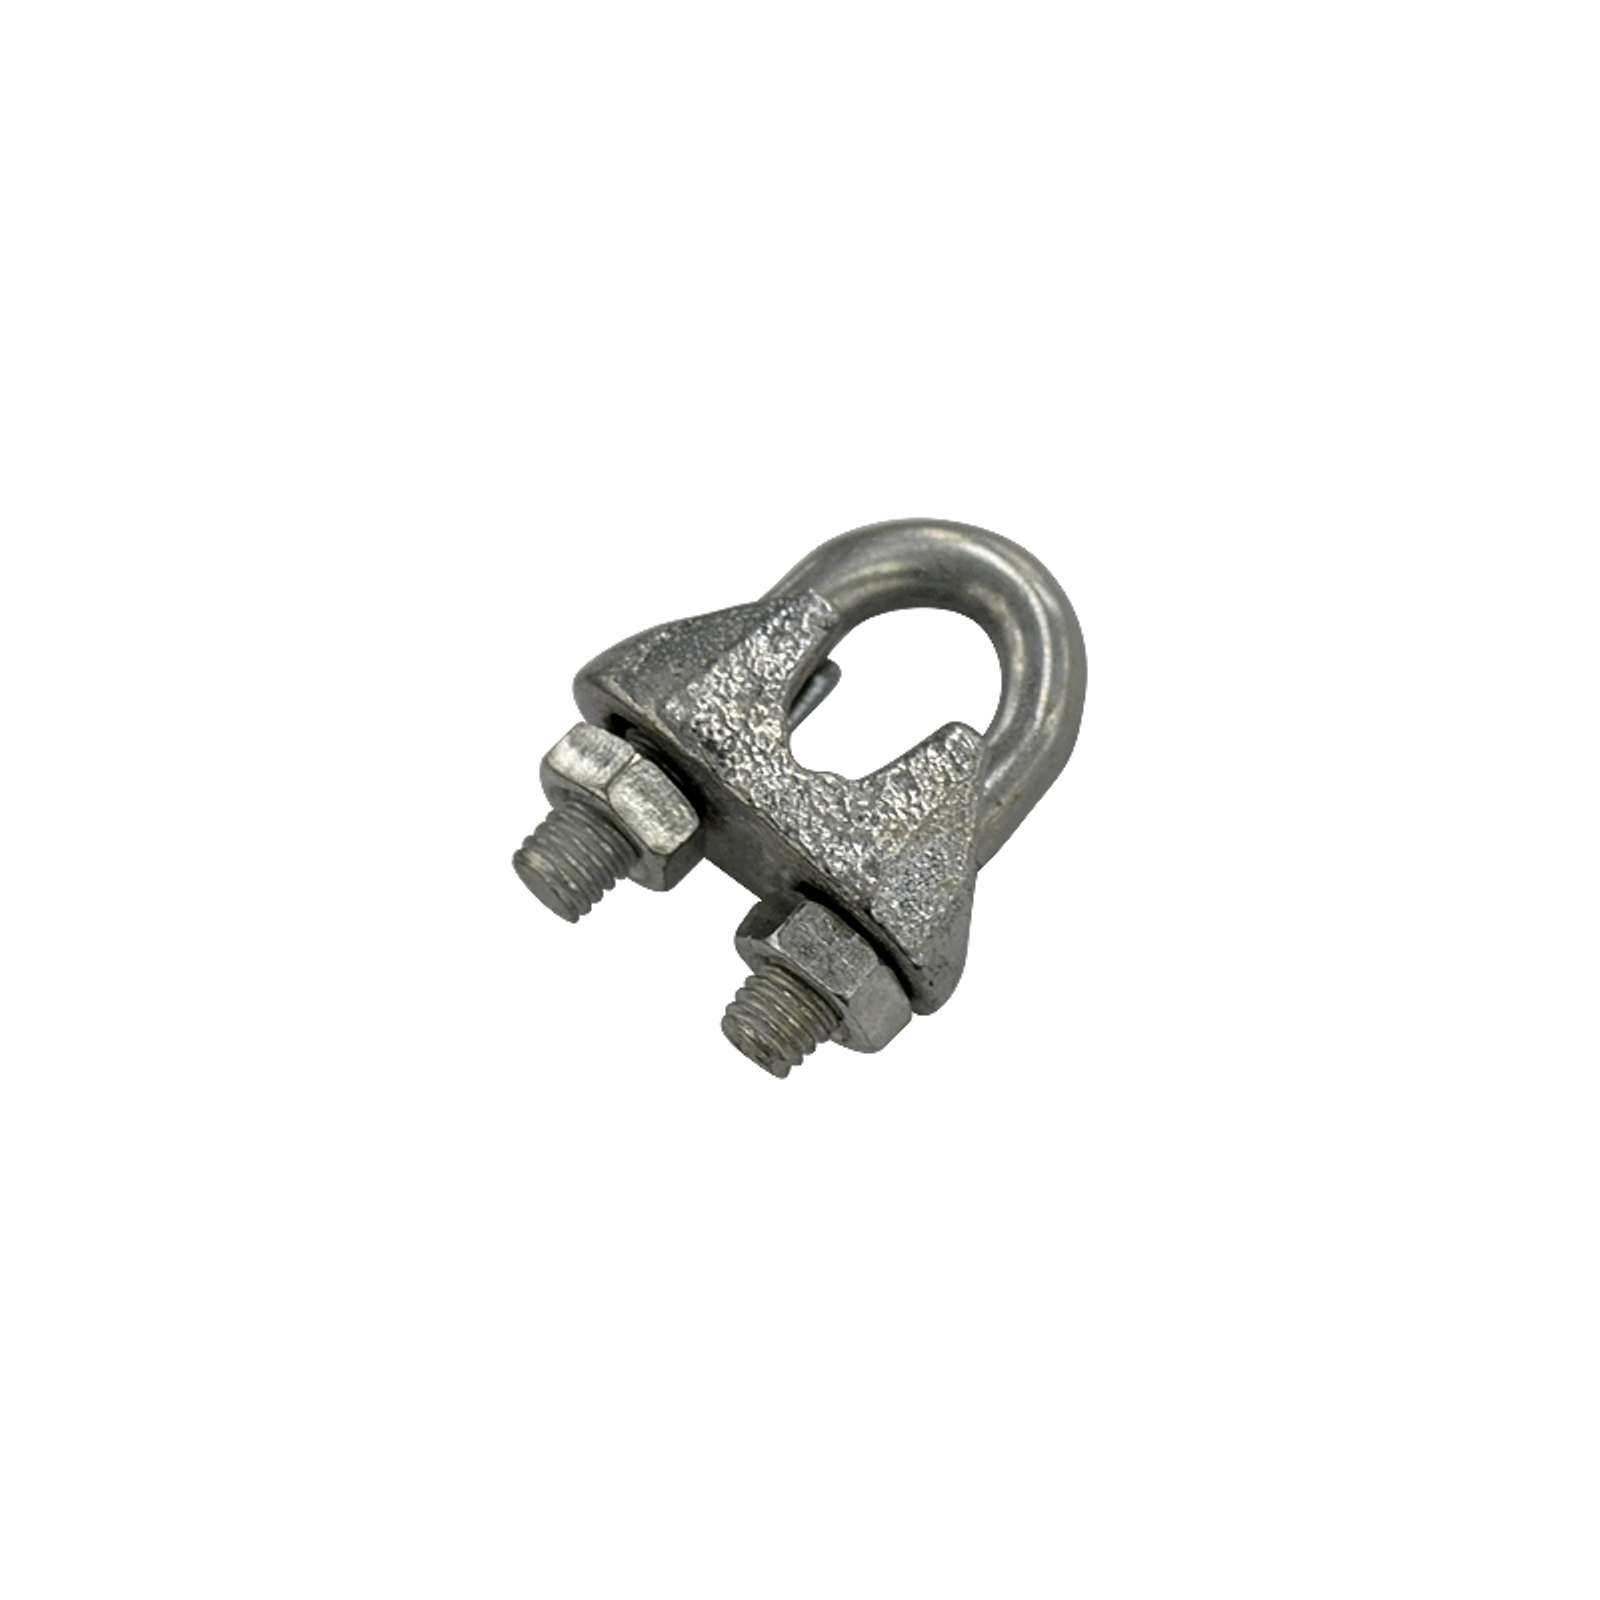 Зажим для каната DIN 741 6 мм 2 штука в упаковке Tech-Krep